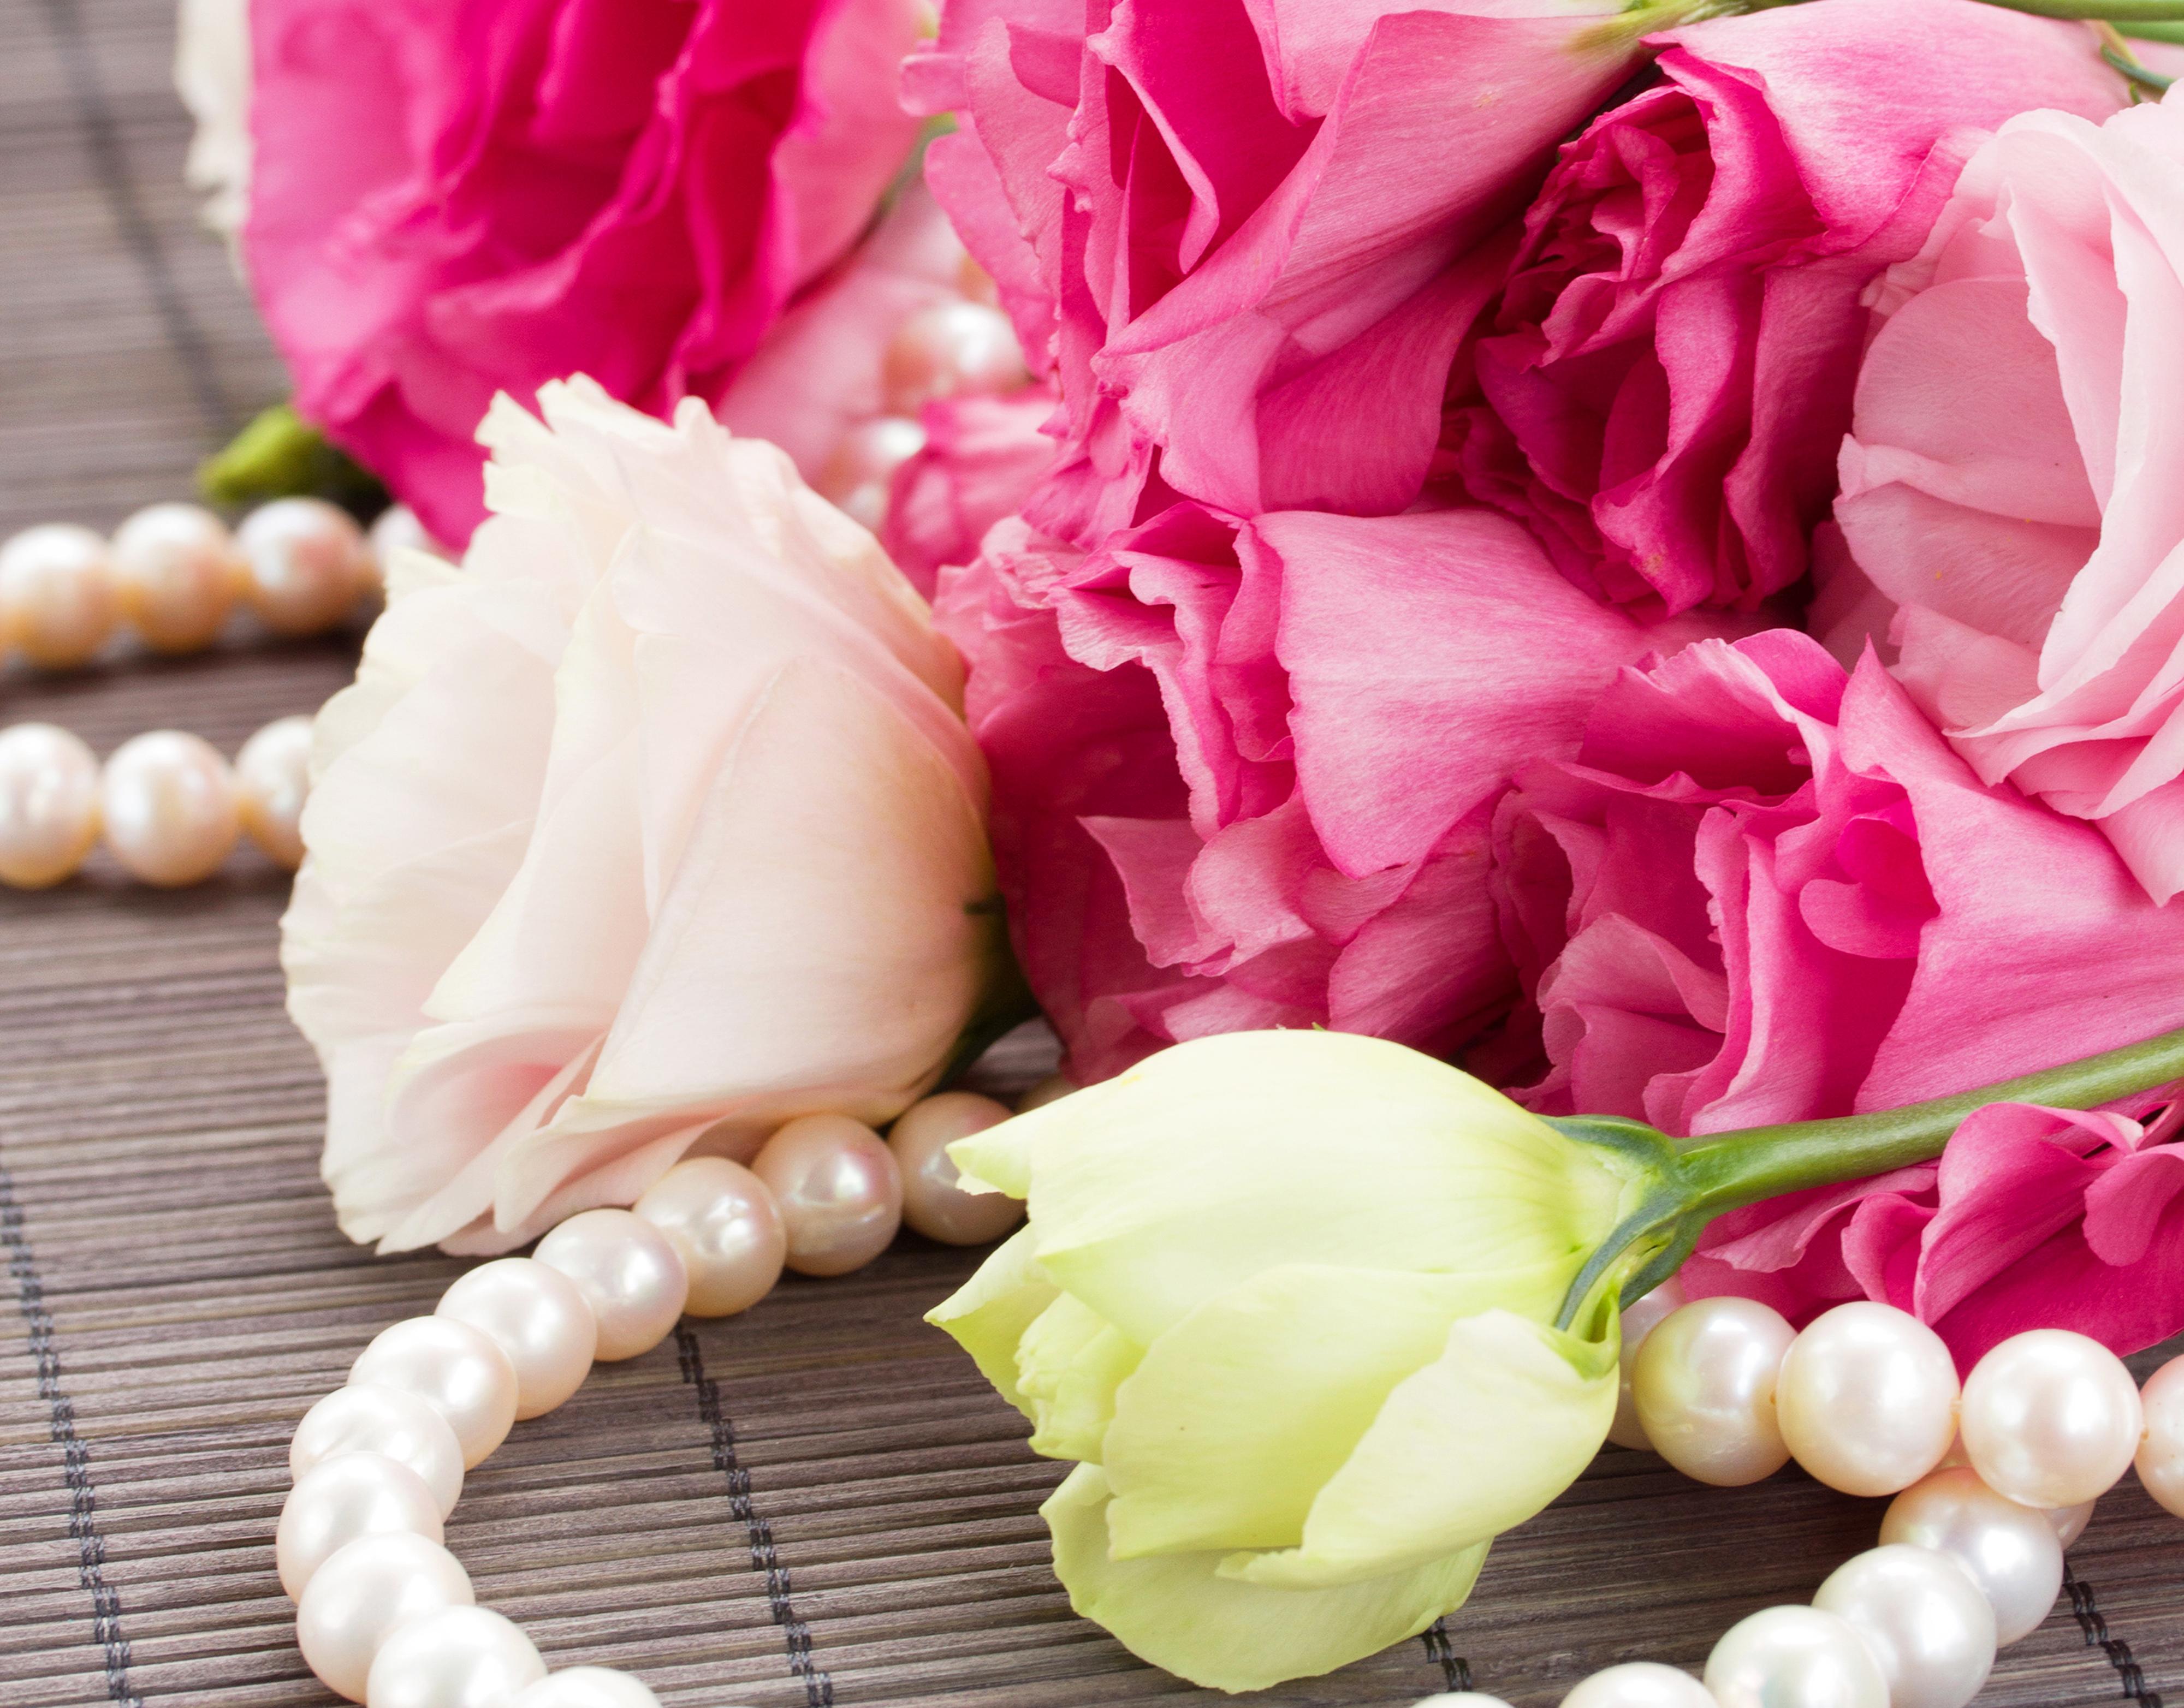 продаже картинки на телефон жемчуг и цветы все